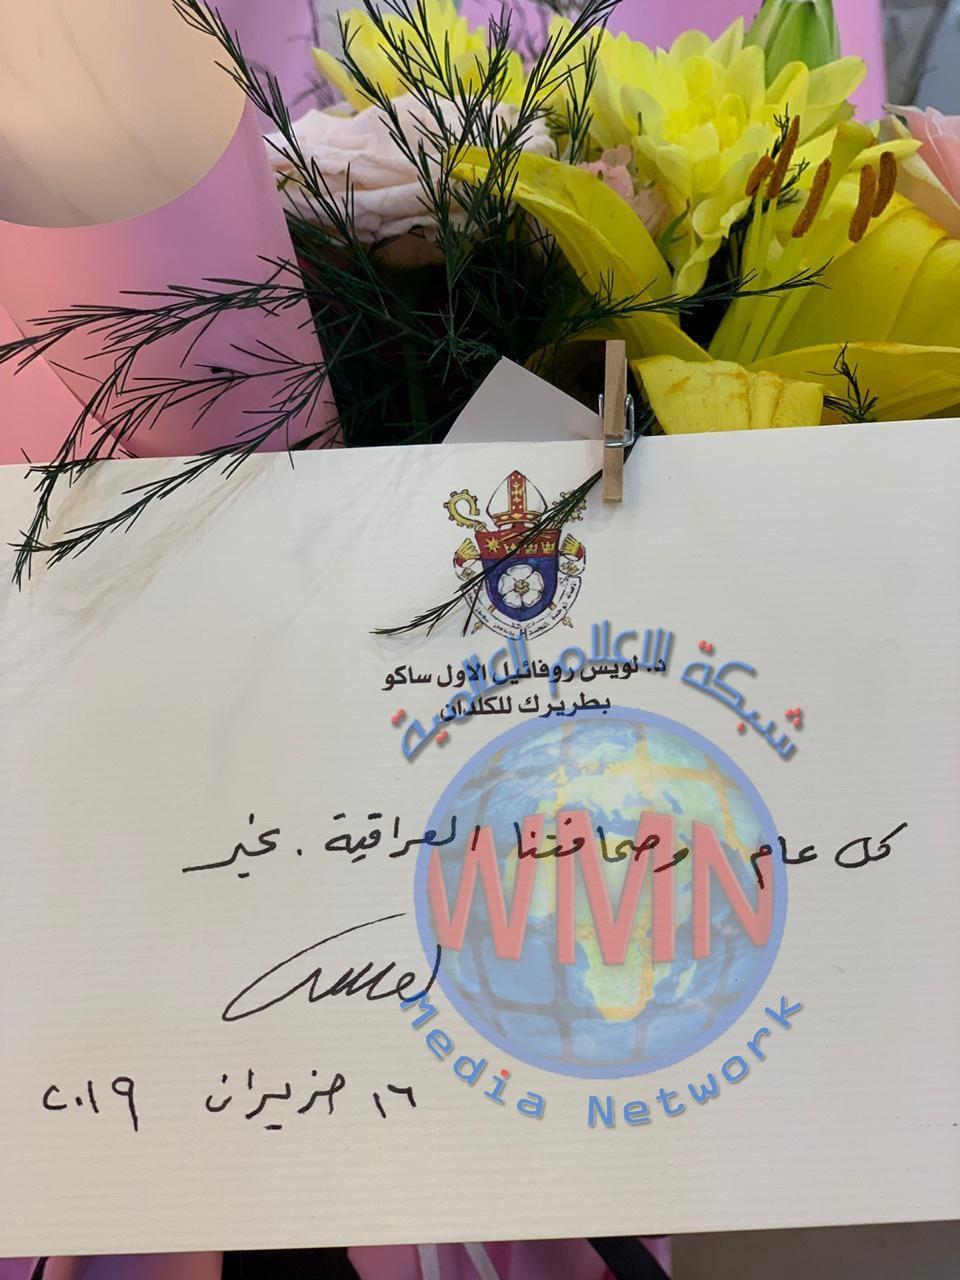 الكاردينال مار لويس يهنئ نقابة الصحفيين العراقيين بالعيد الوطني للصحافة العراقية